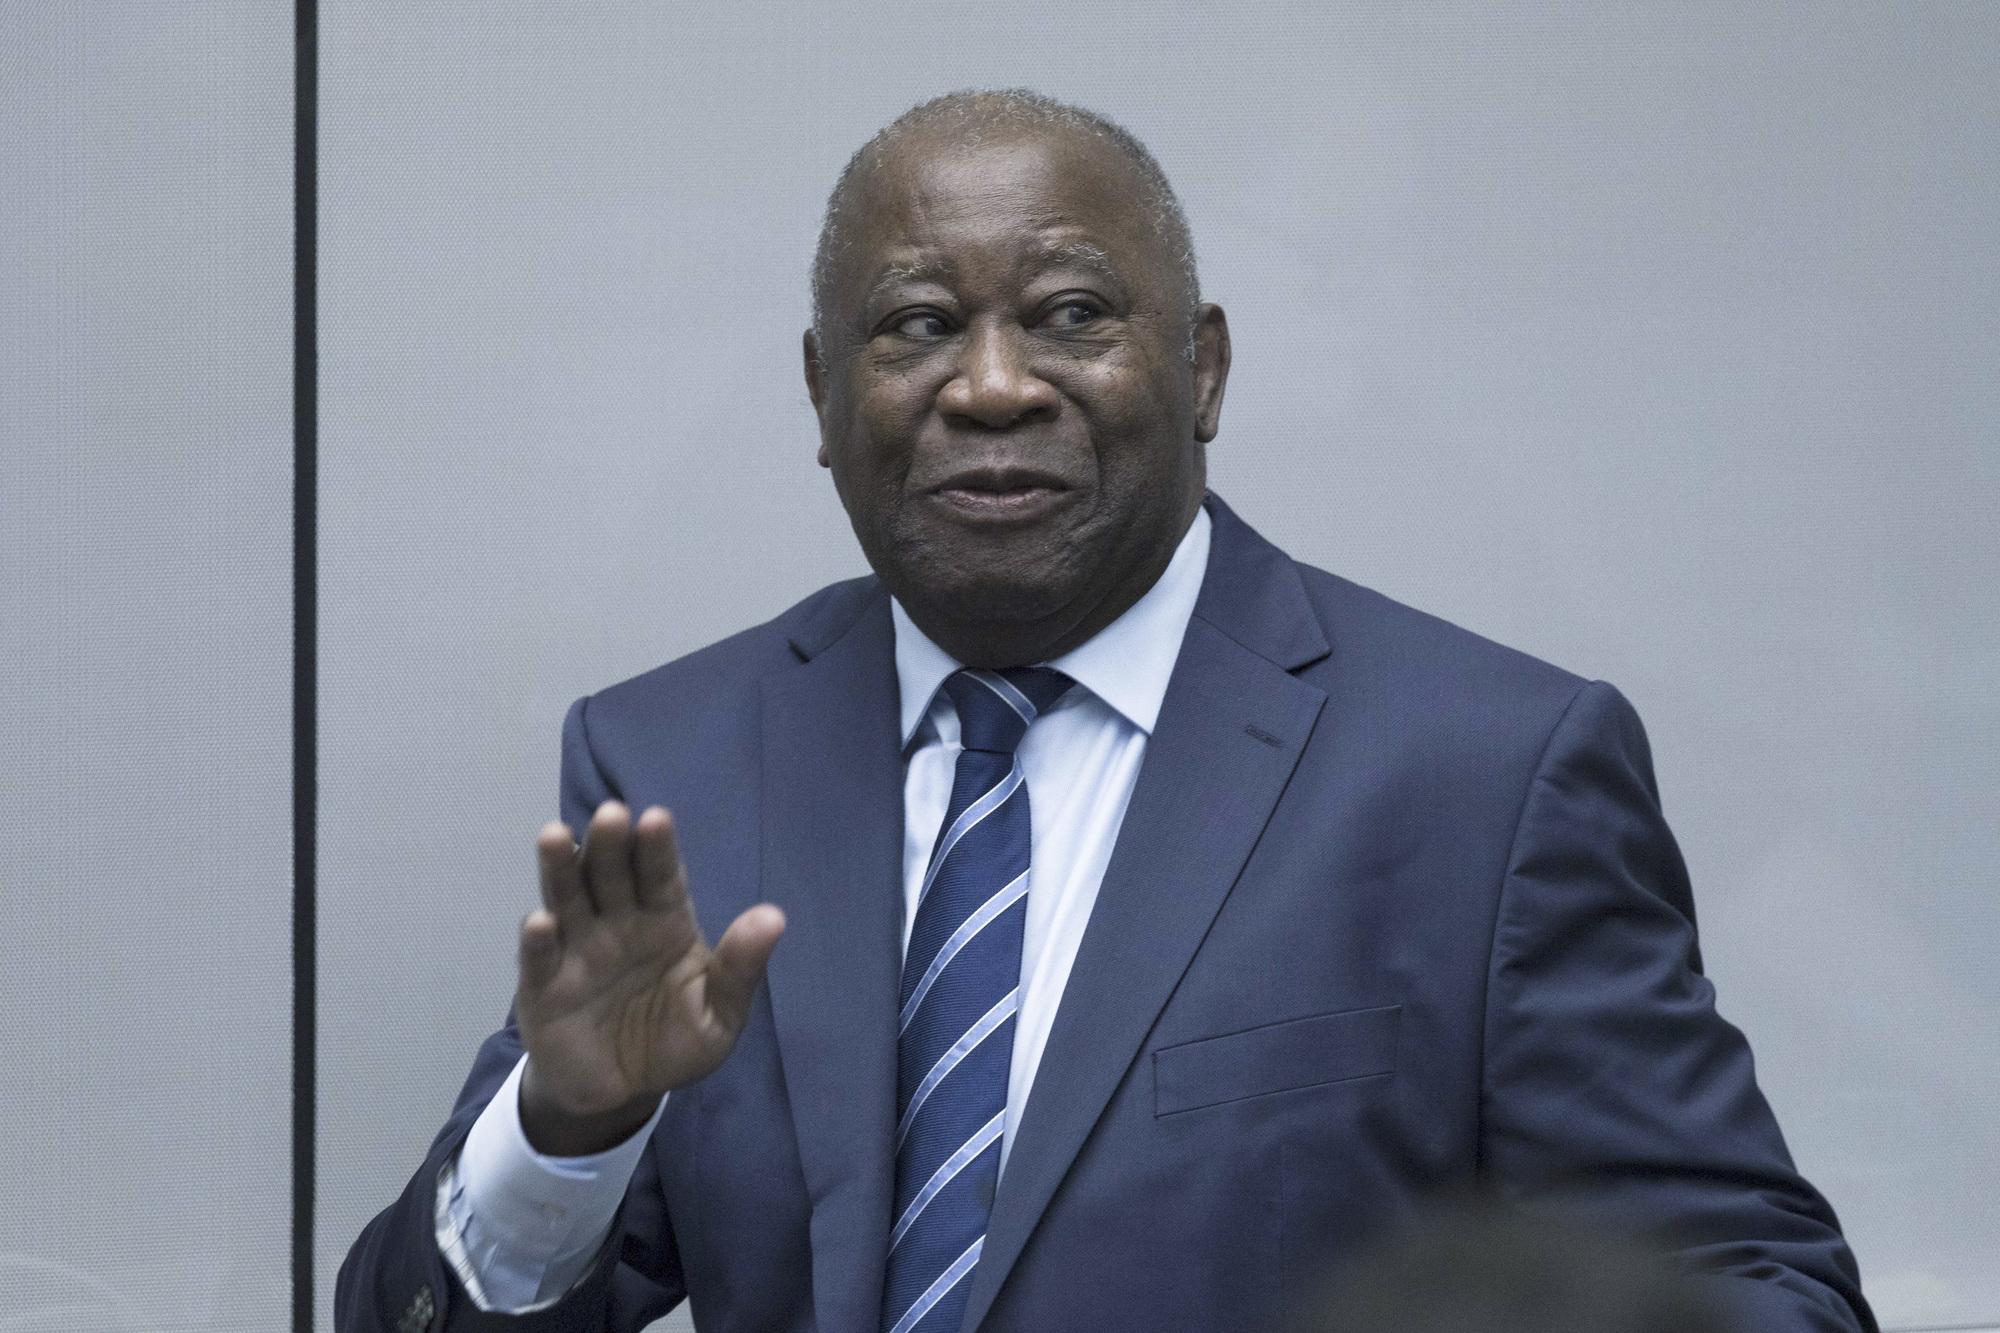 L'ancien président ivoirien lors d'une audience à la CPI (archives).